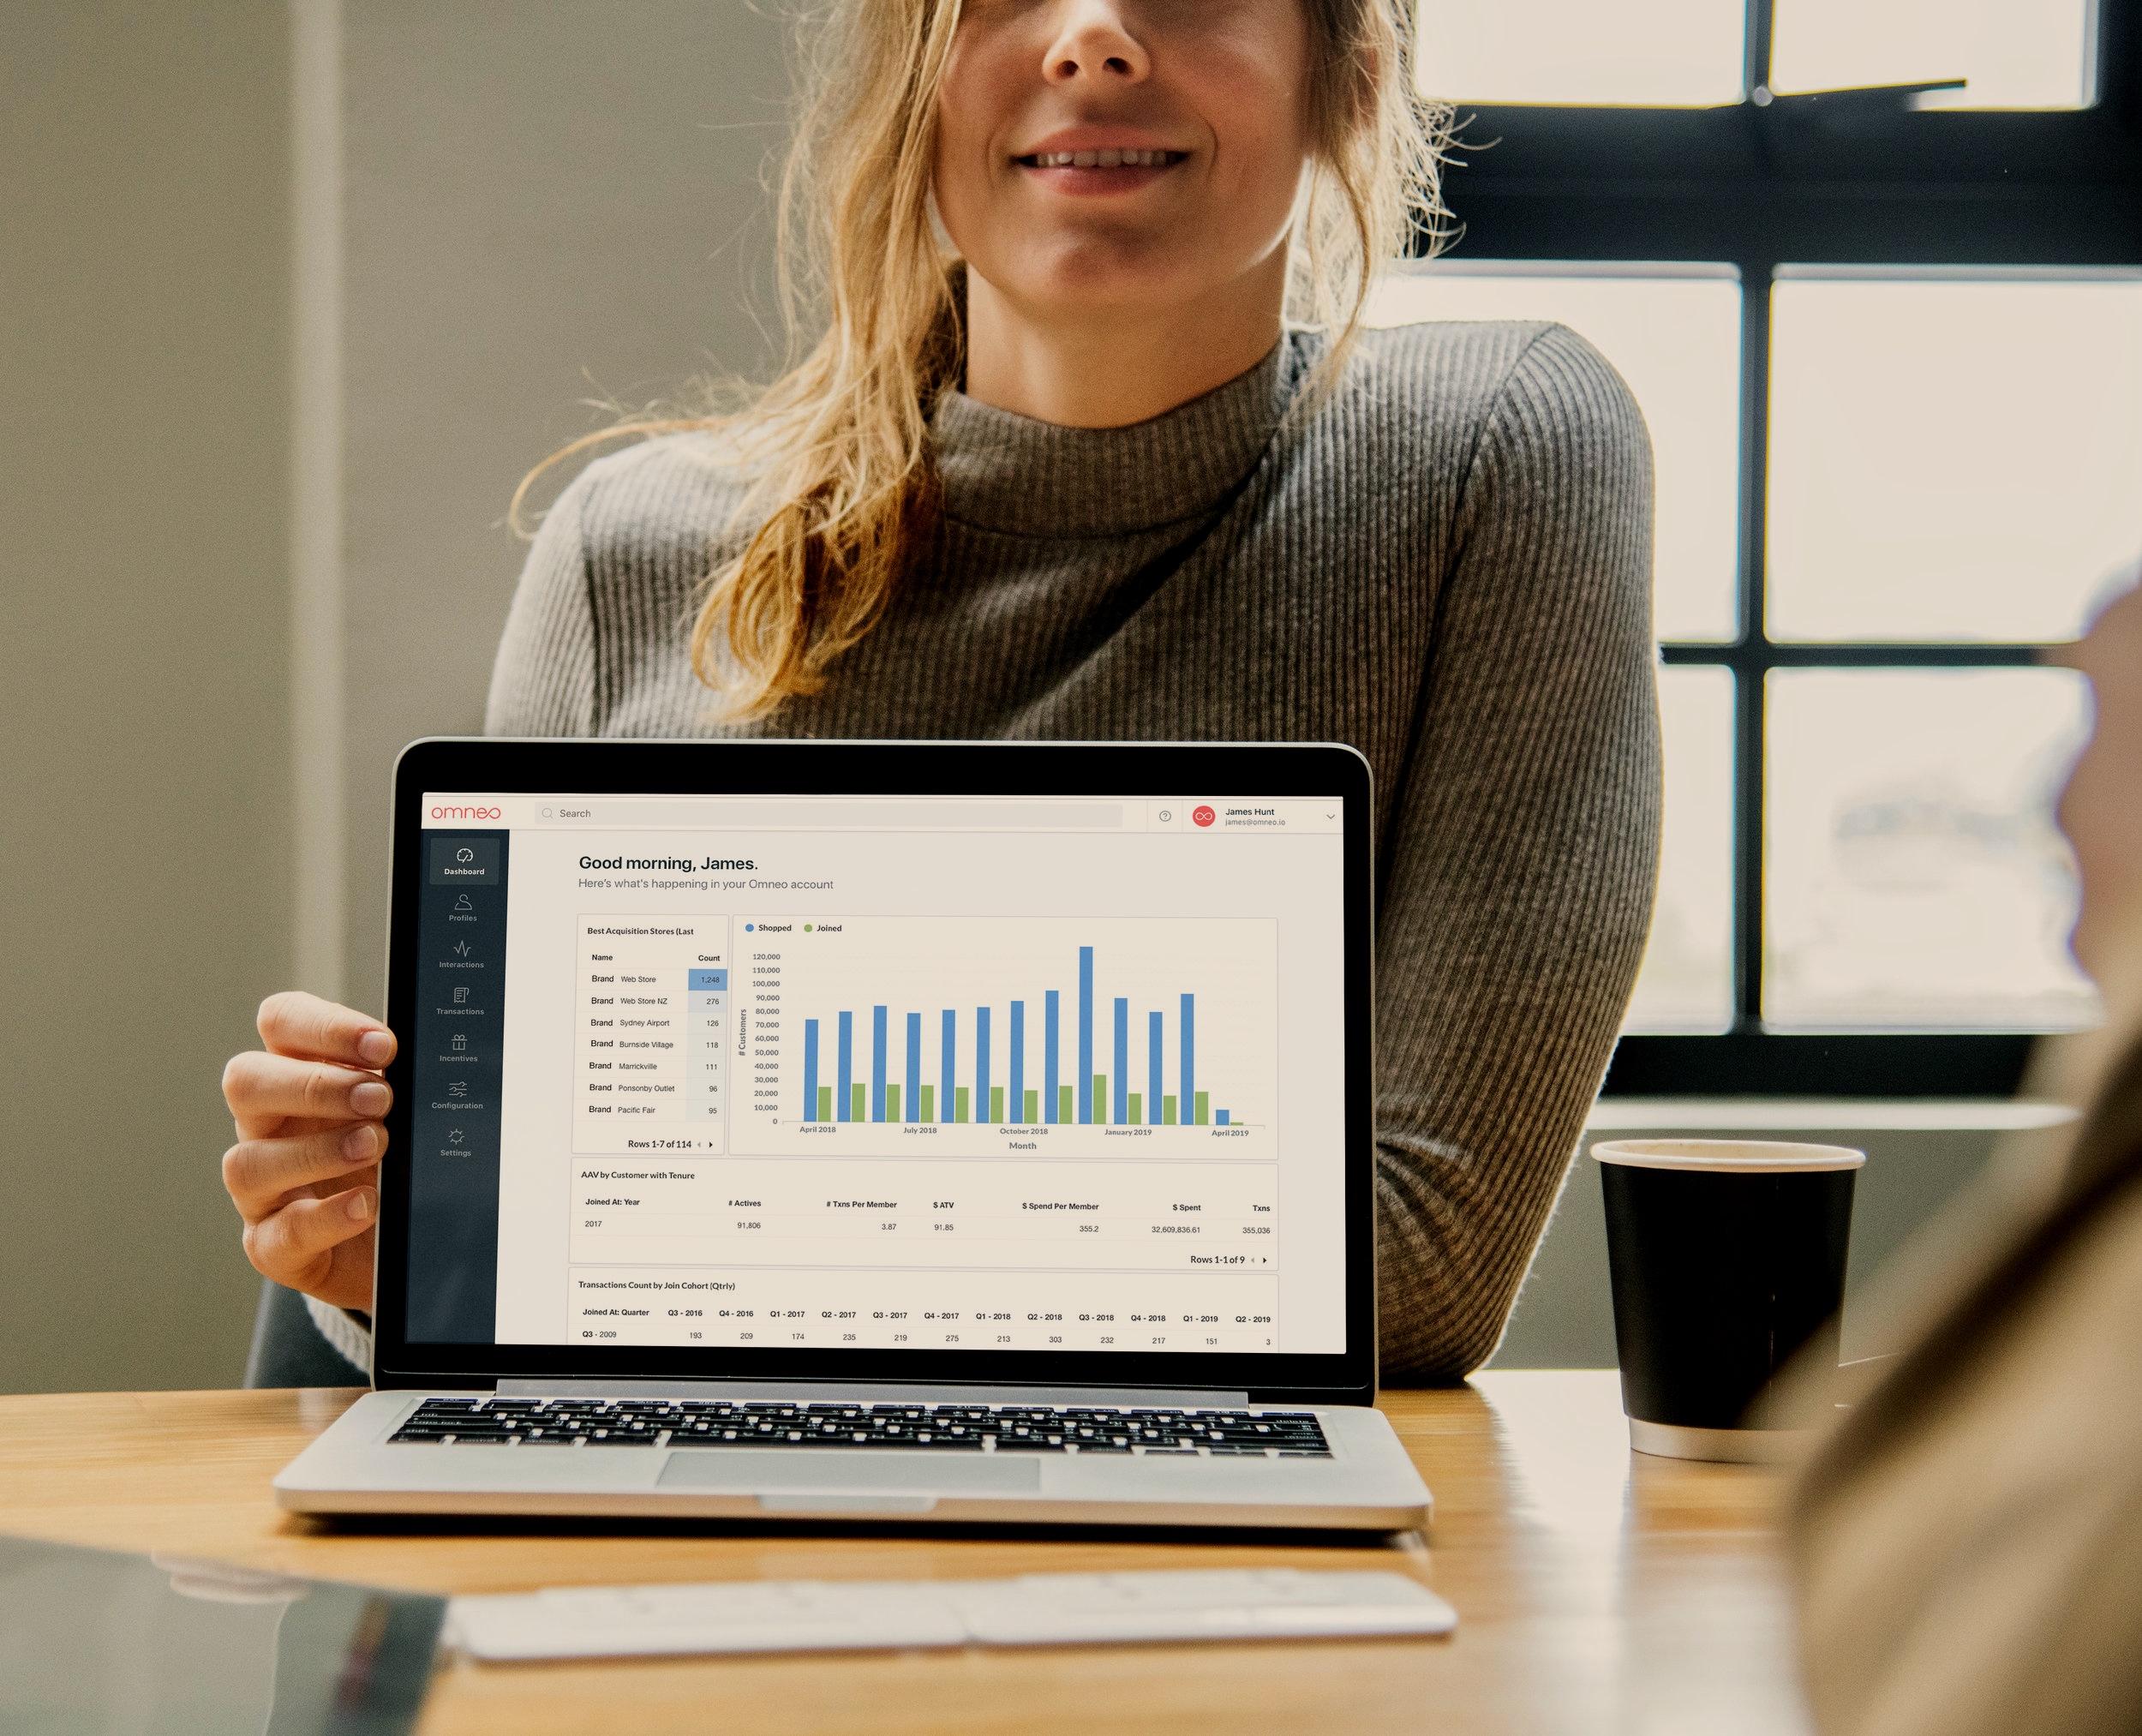 Measure the right metrics